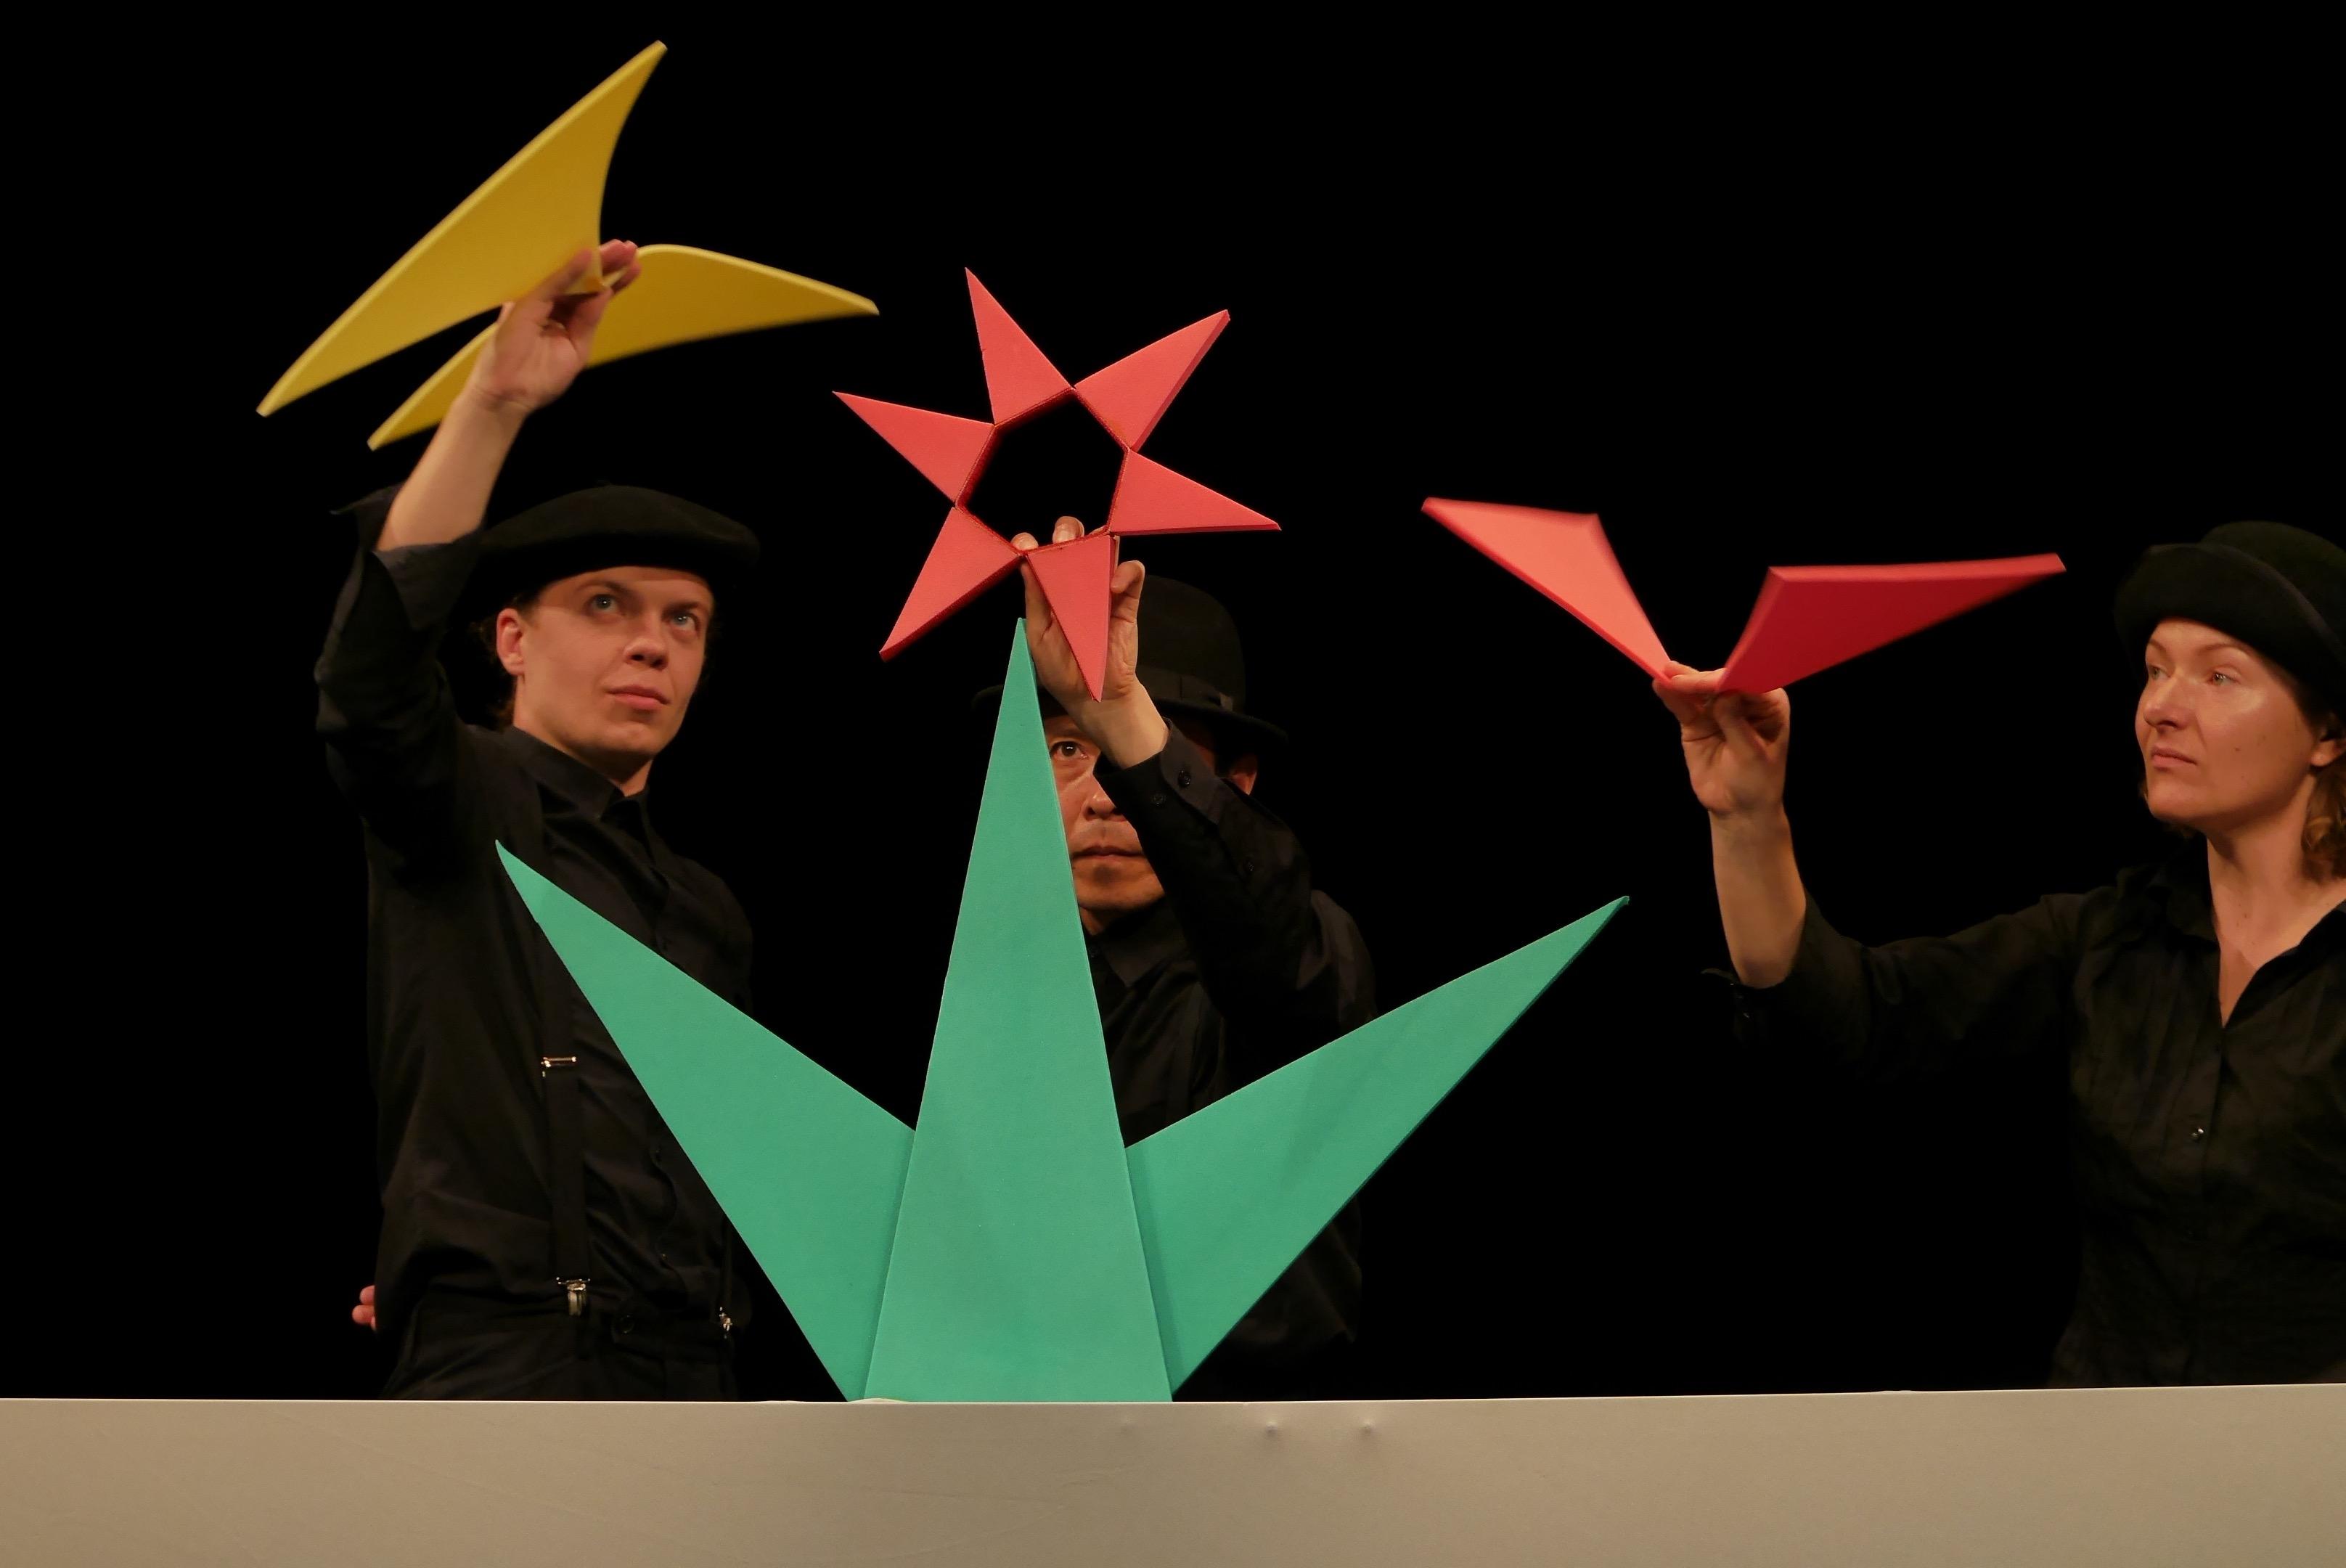 日本ポーランド共同制作作品「4つの季節の物語《Pory Roku》」03 Butterfly